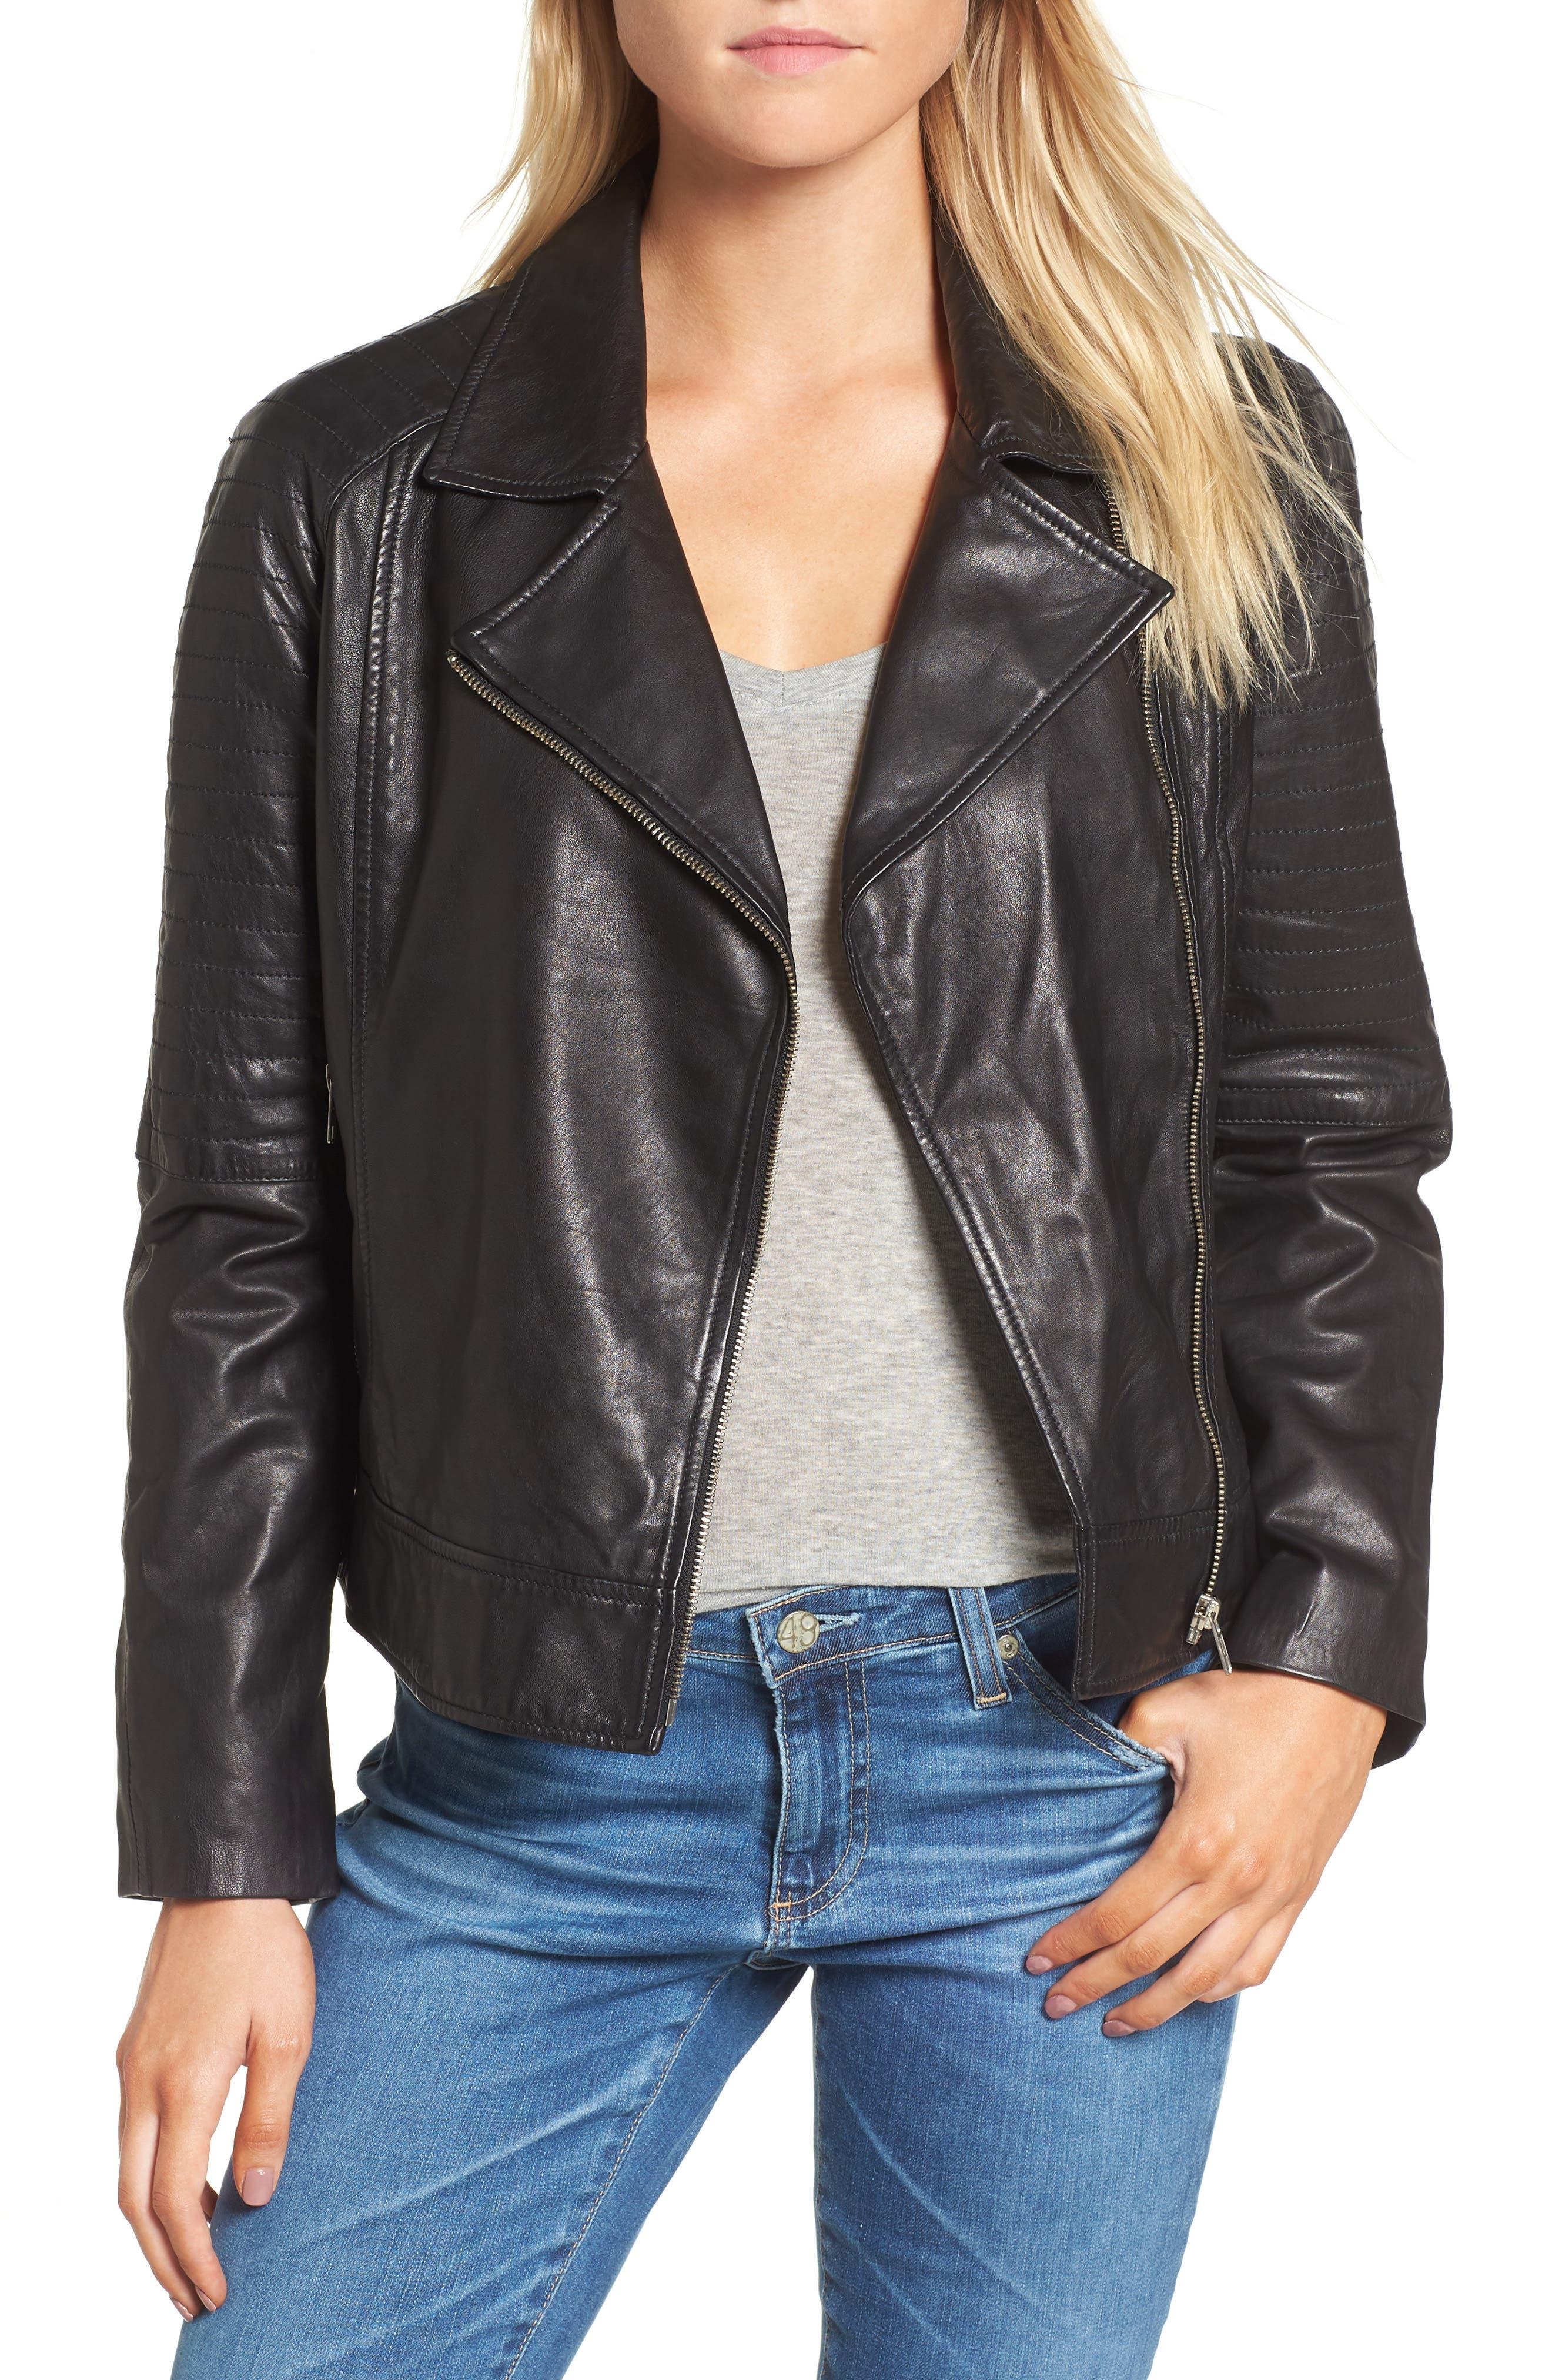 Alternate Image 1 Selected - BB Dakota Harwick Leather Moto Jacket